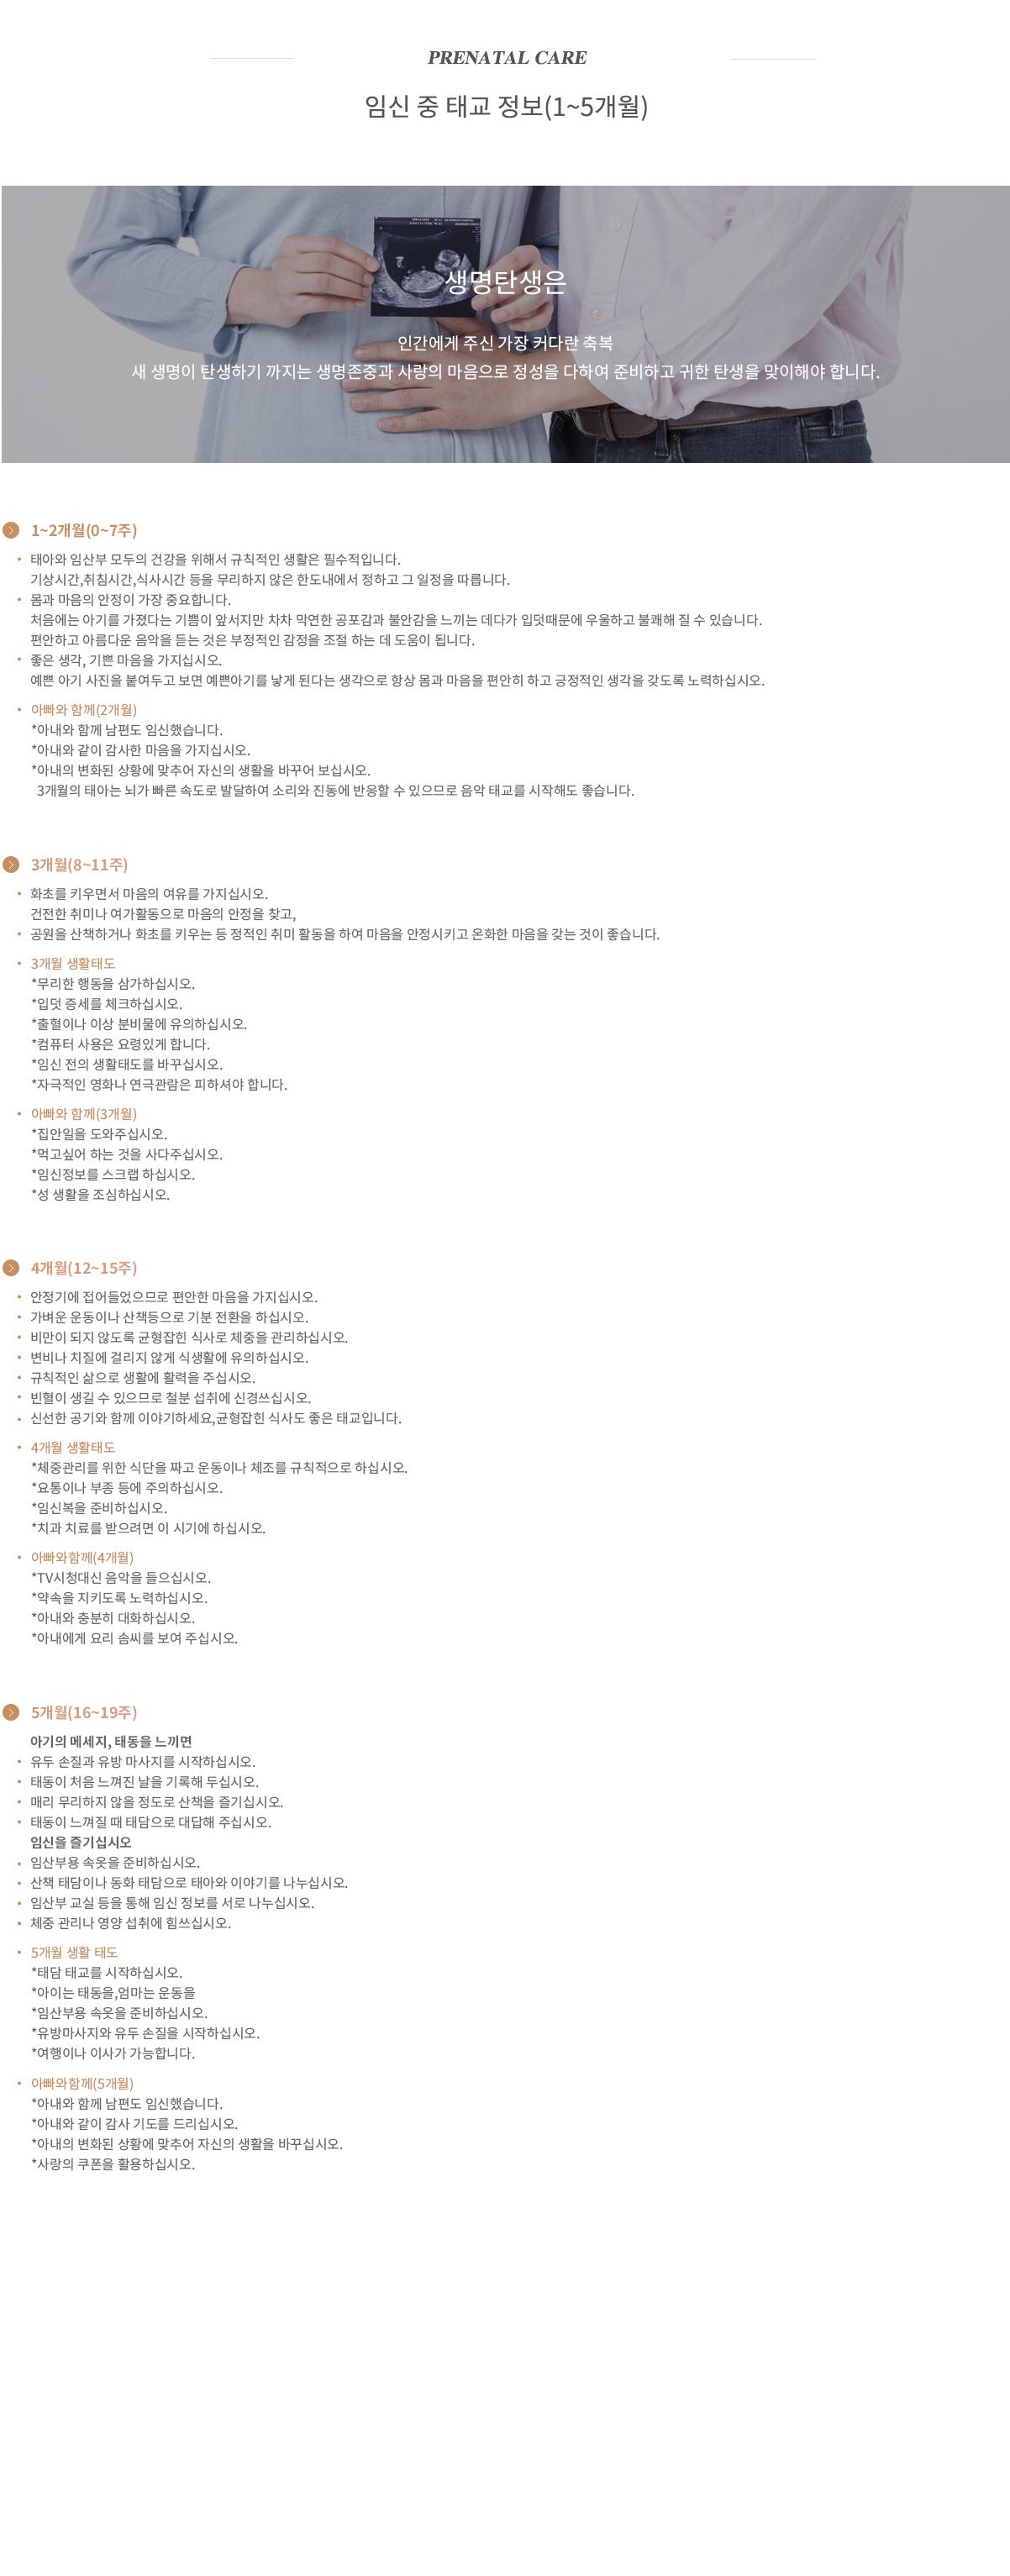 taegyo2_img